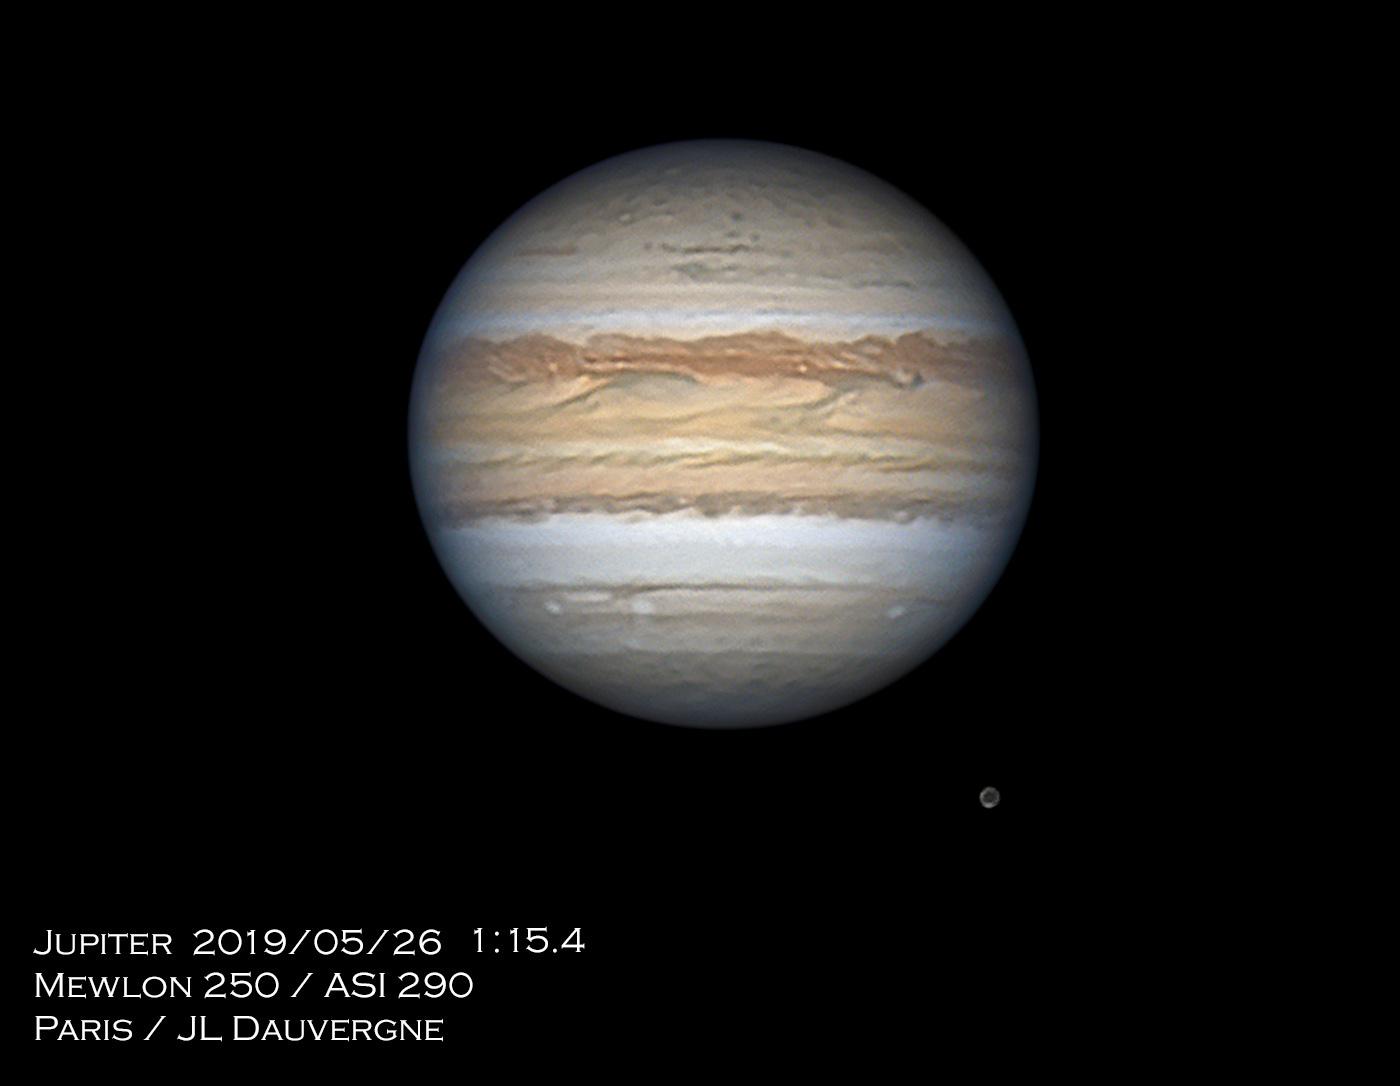 5cebd6ab5f8eb_2019-05-26-0115_4-L-Jupiter_ZWOASI290MMMini3.jpg.388eda62888894d282d8a14c14fc0a9b.jpg